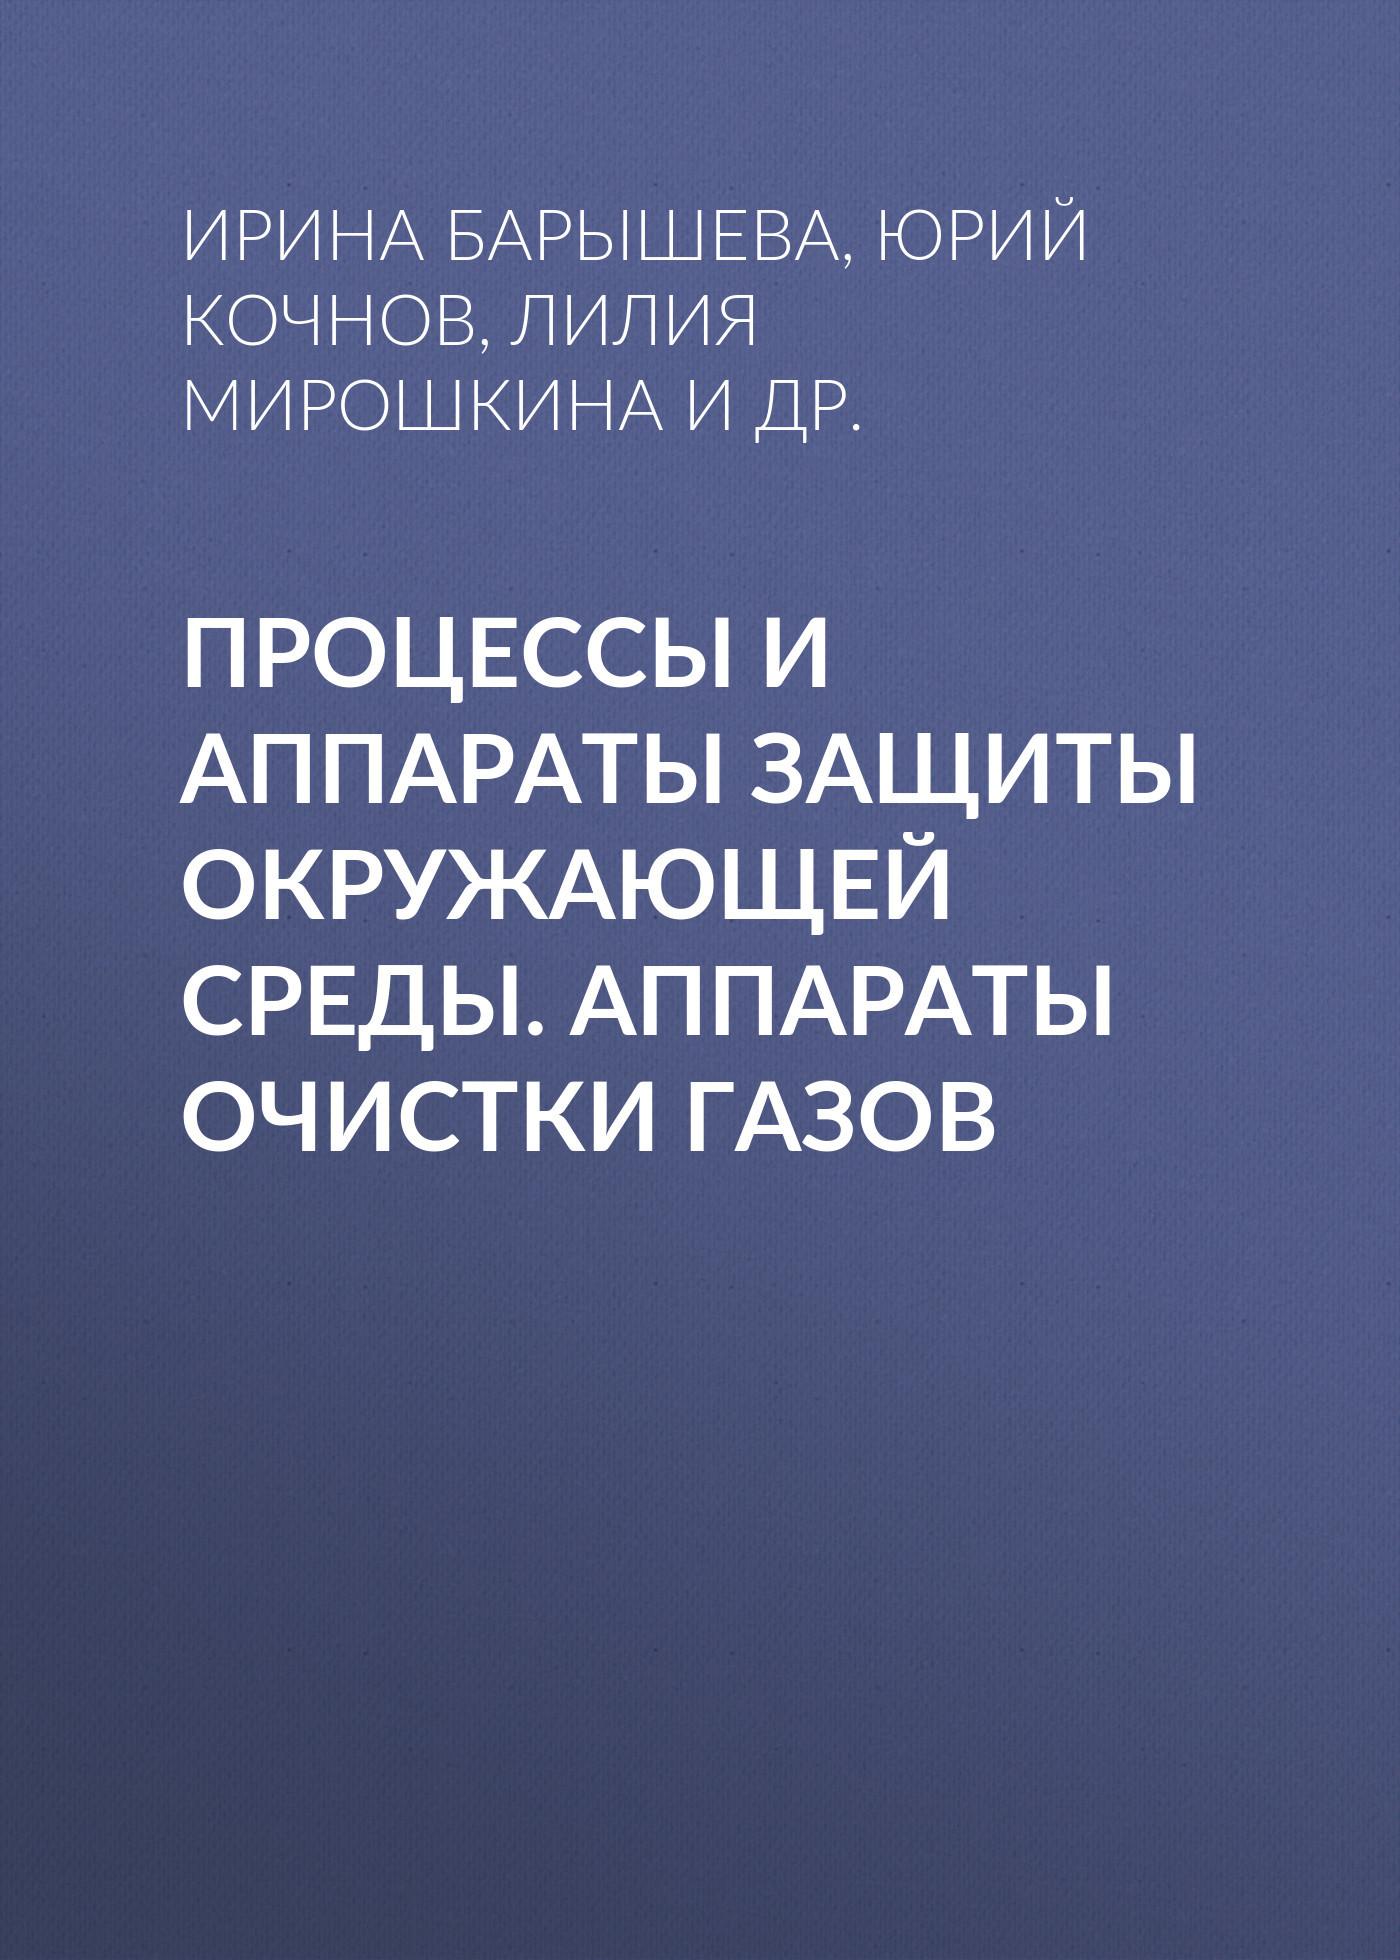 Ирина Барышева Процессы и аппараты защиты окружающей среды. Аппараты очистки газов